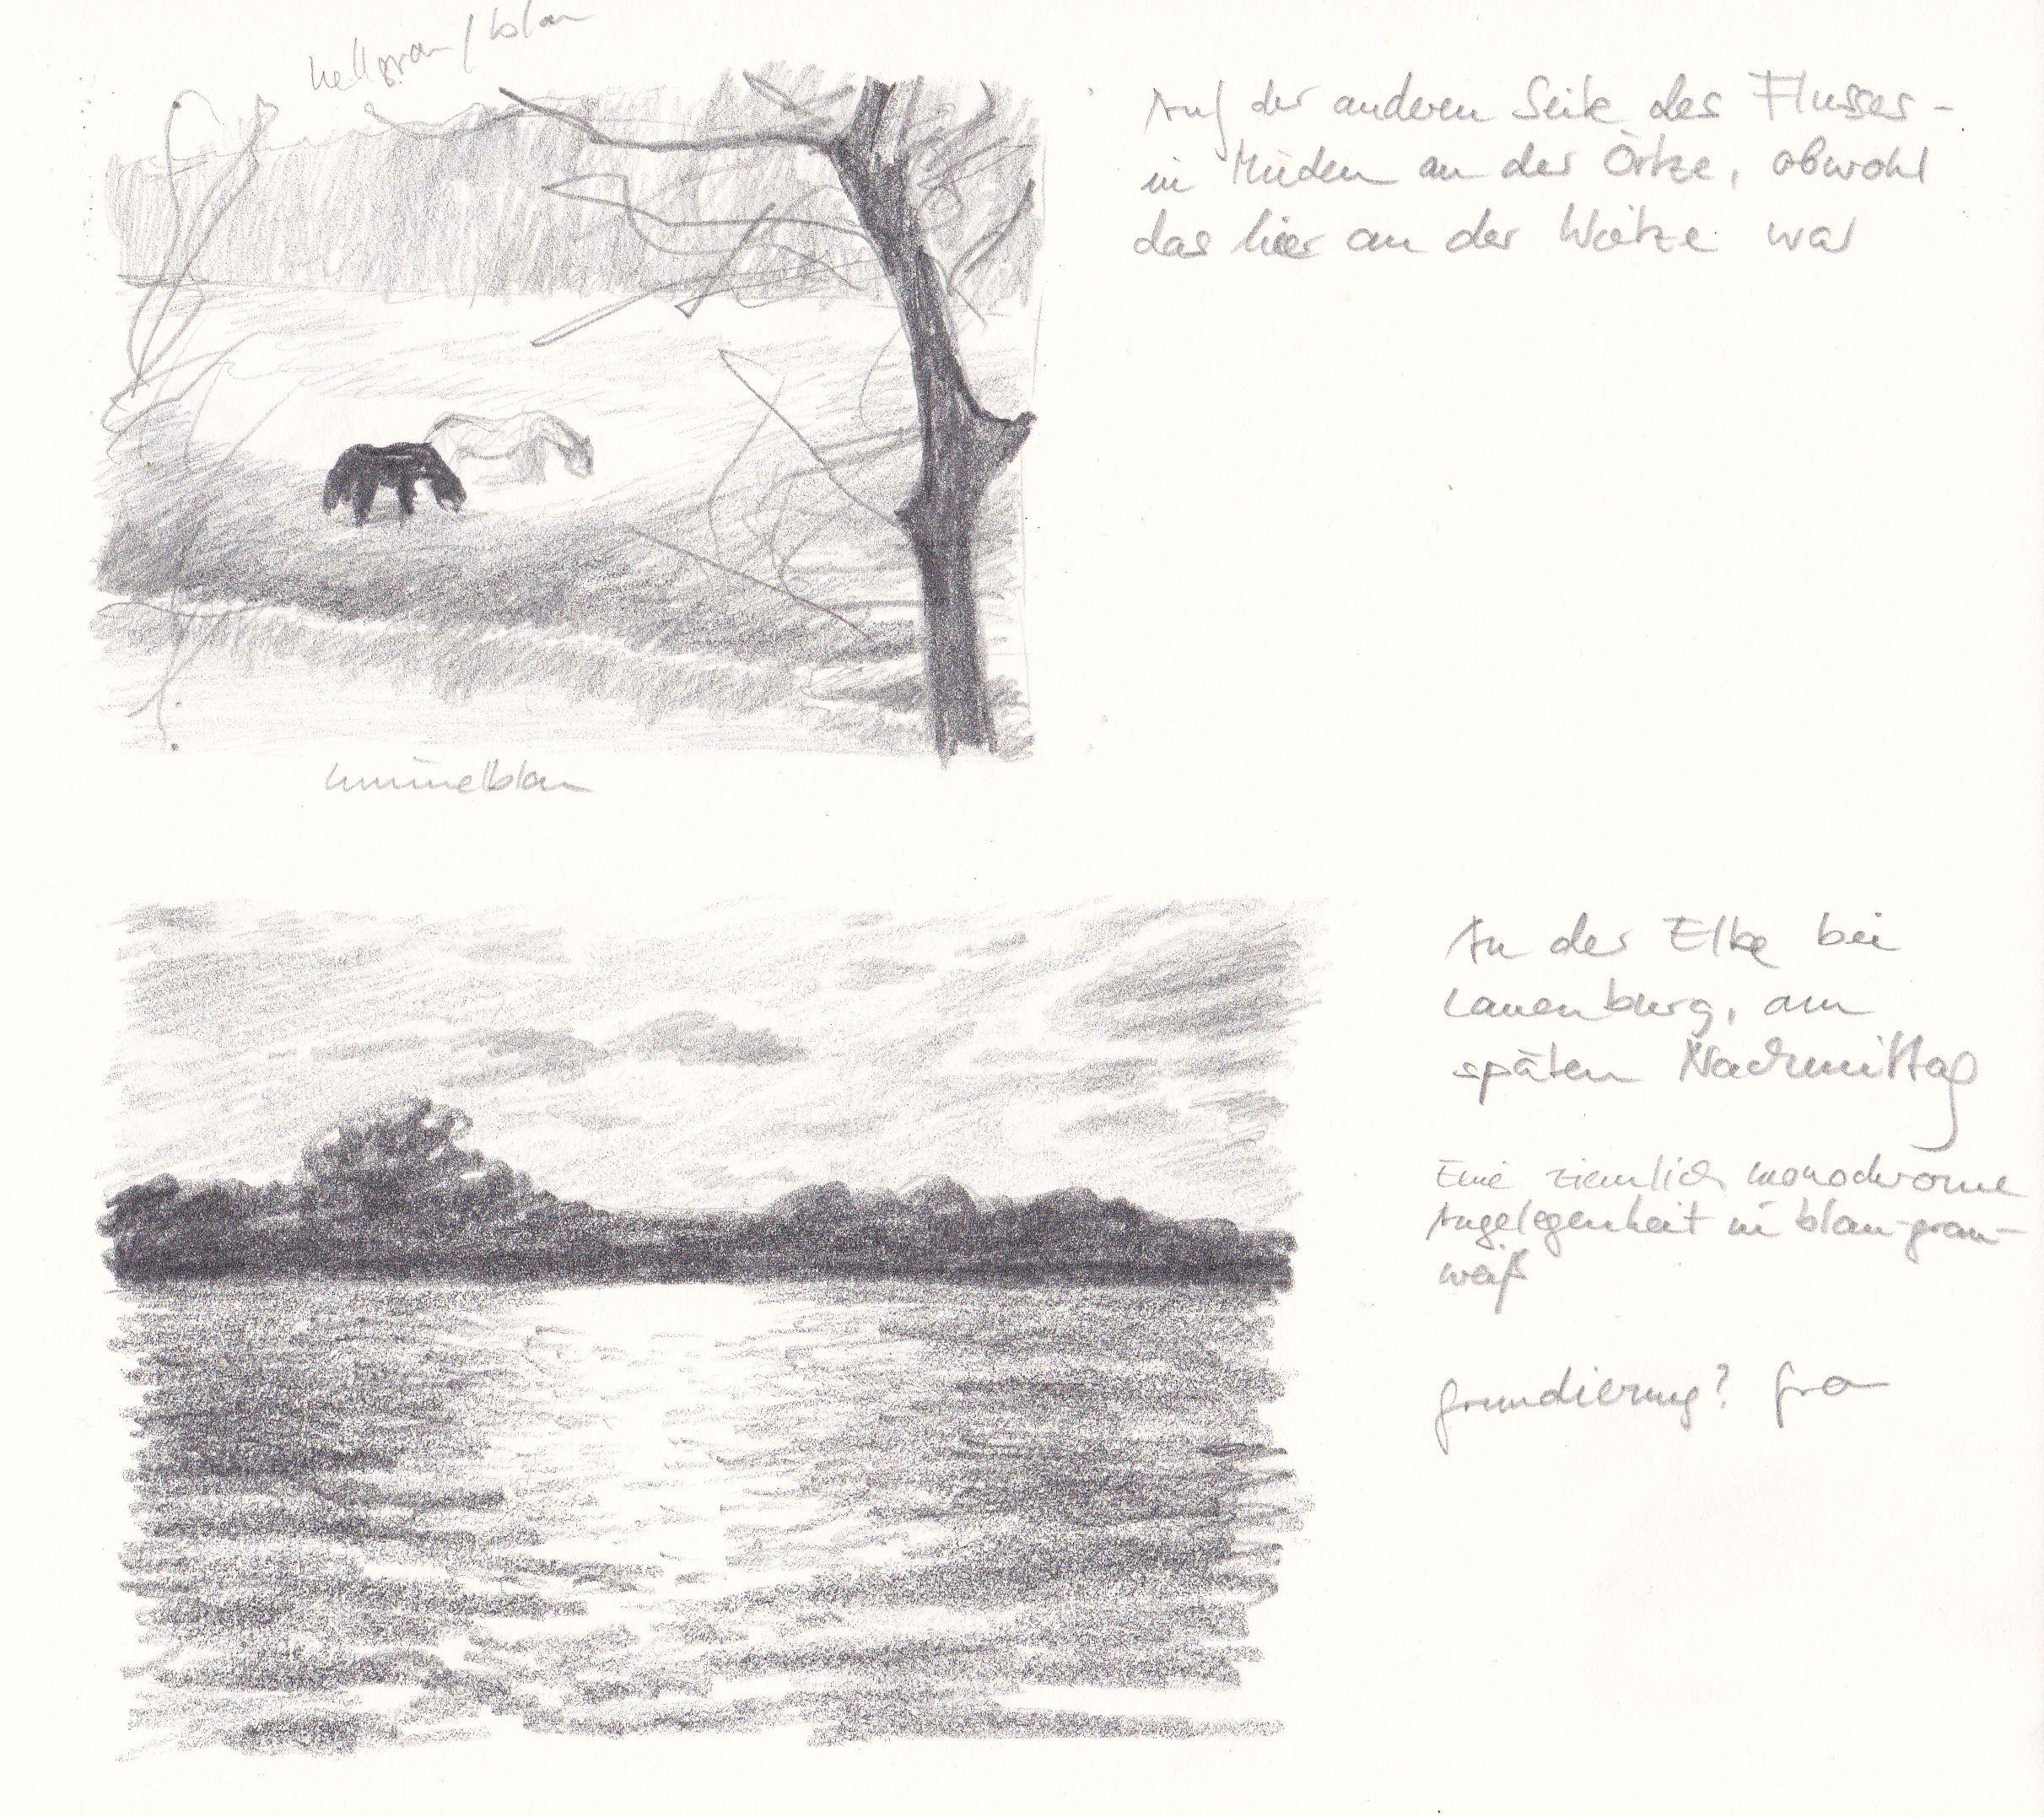 Aus dem Skizzenbuch/From my sketchbook